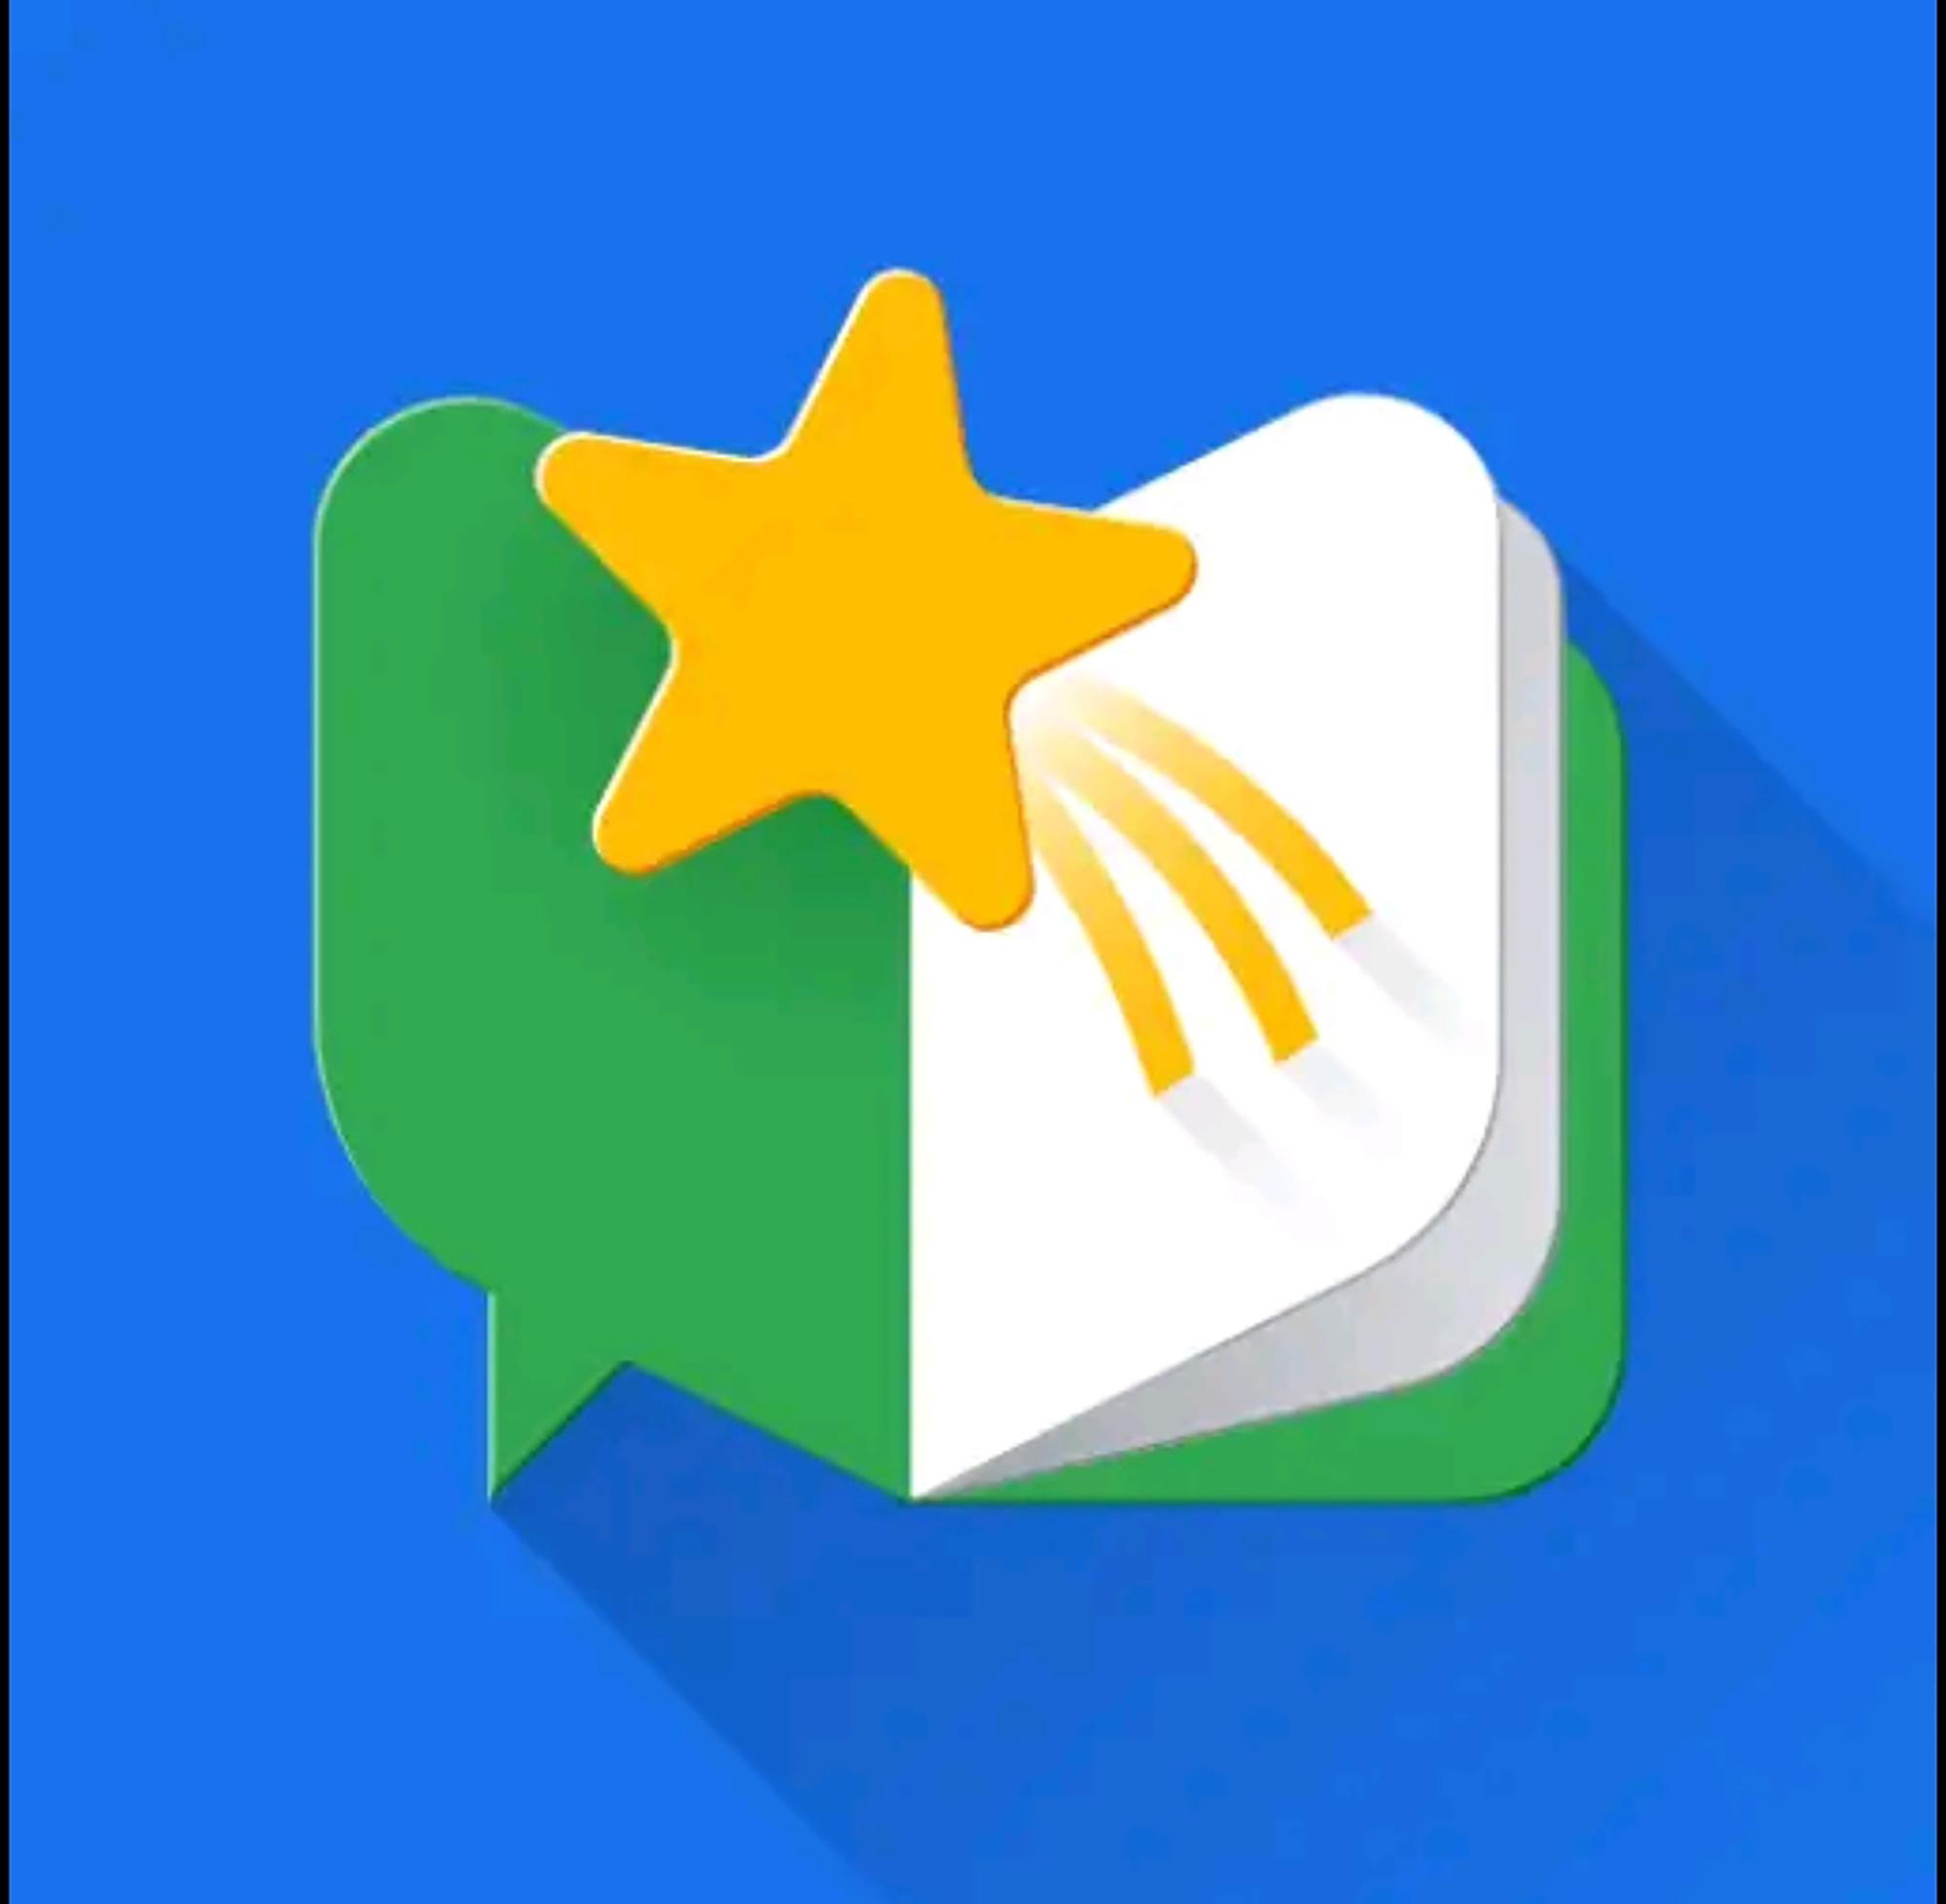 Más de cinco millones de descargas hacen de esta aplicación una de las más populares para ayudar a los niños a mejorar su lectura. Disponible en inglés y español -entre otros idiomas- la plataforma les ayuda a mejorar su pronunciación mientras leen sus historias favoritas.                             Edades: 5+Costo: Gratuita.